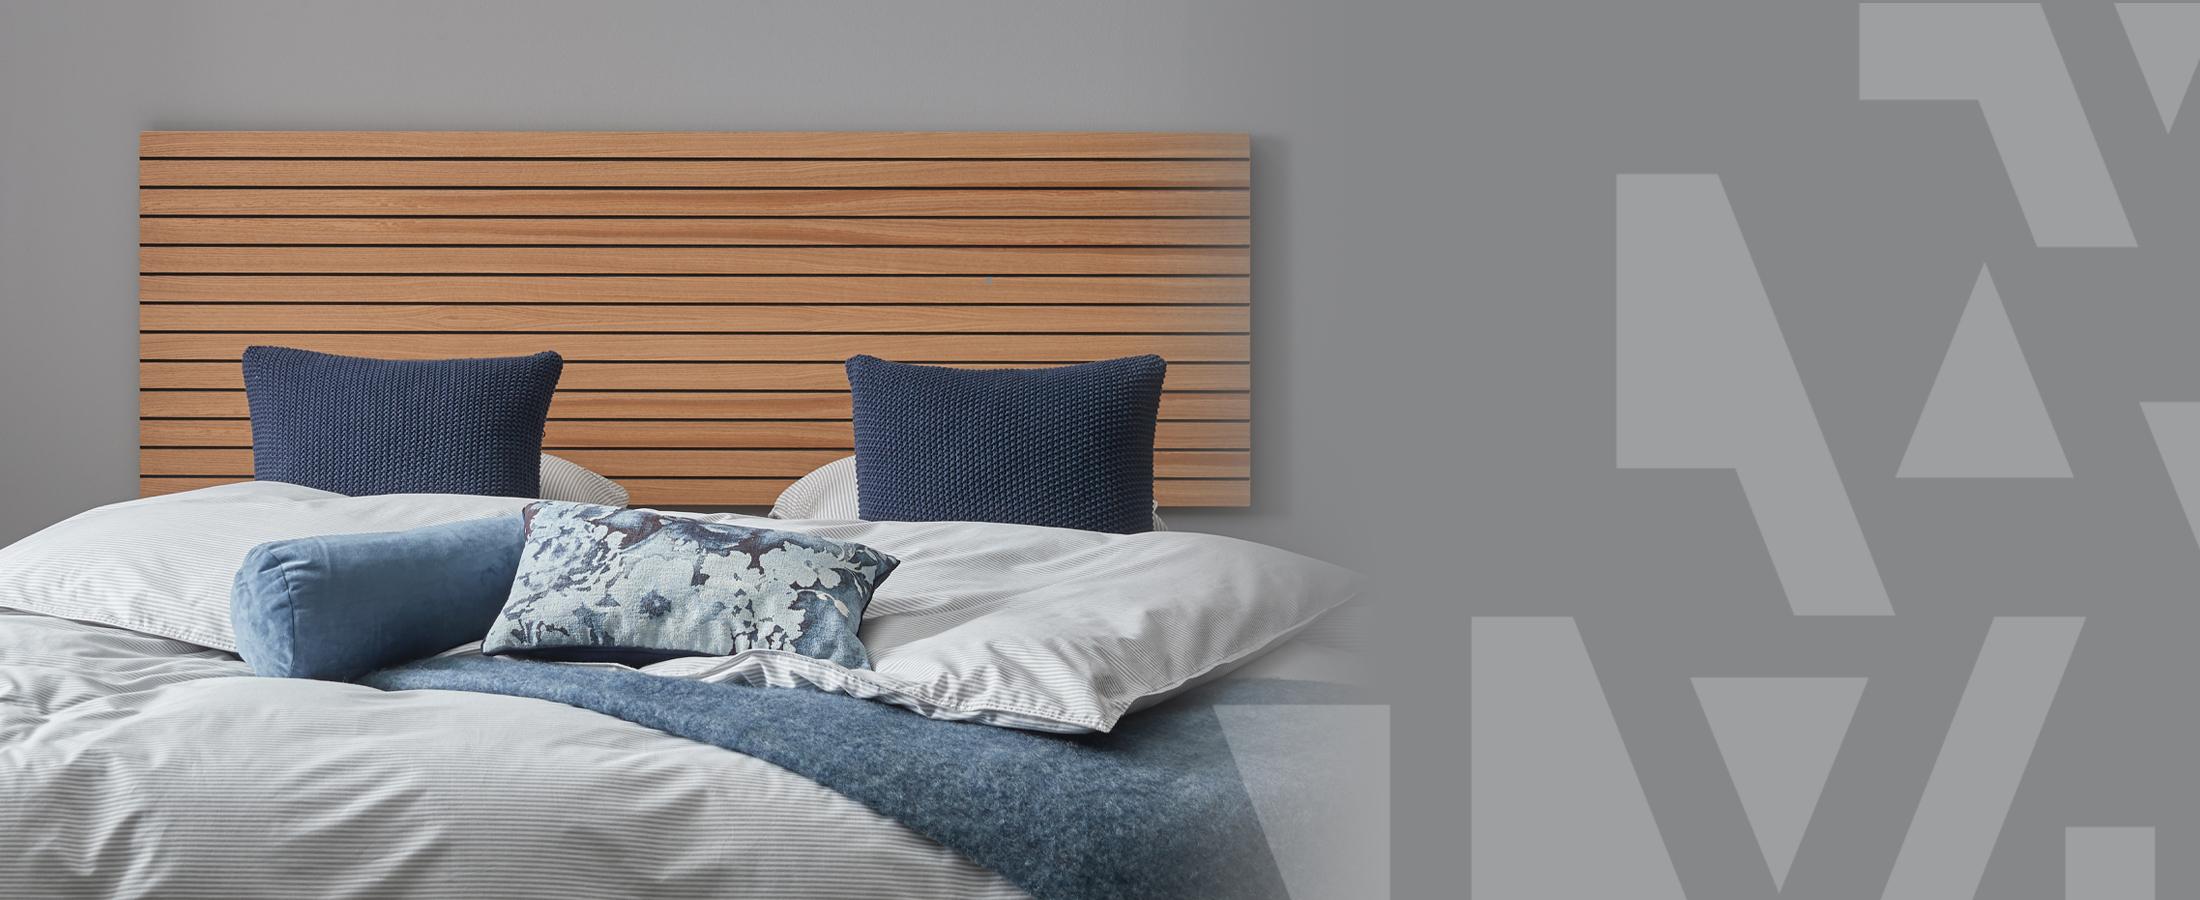 3 sengegavle der fuldender soveværelset